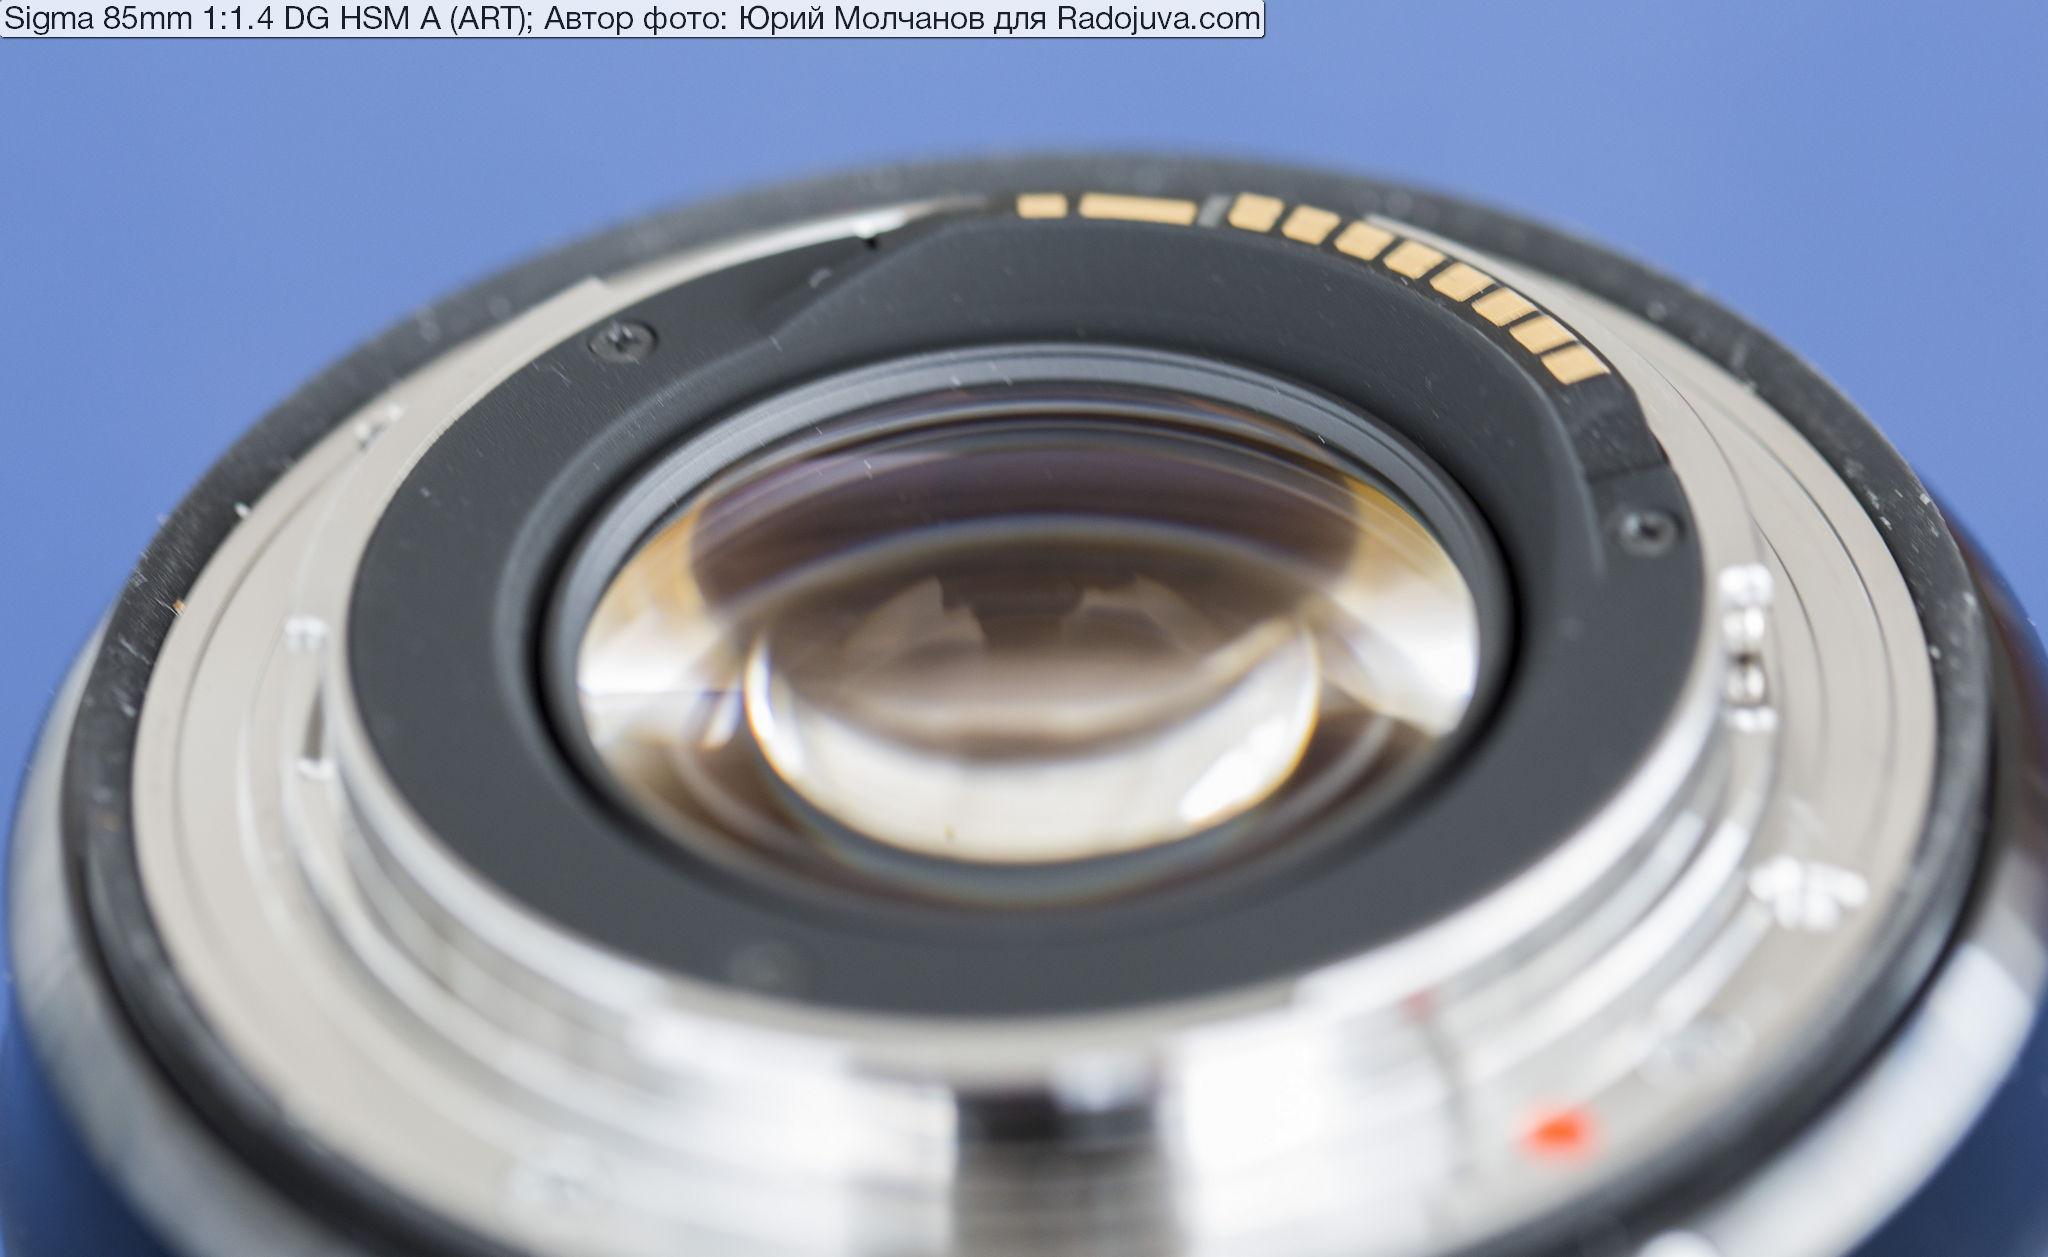 Sigma 85mm 1: 1.4 DG HSM | A (Art)